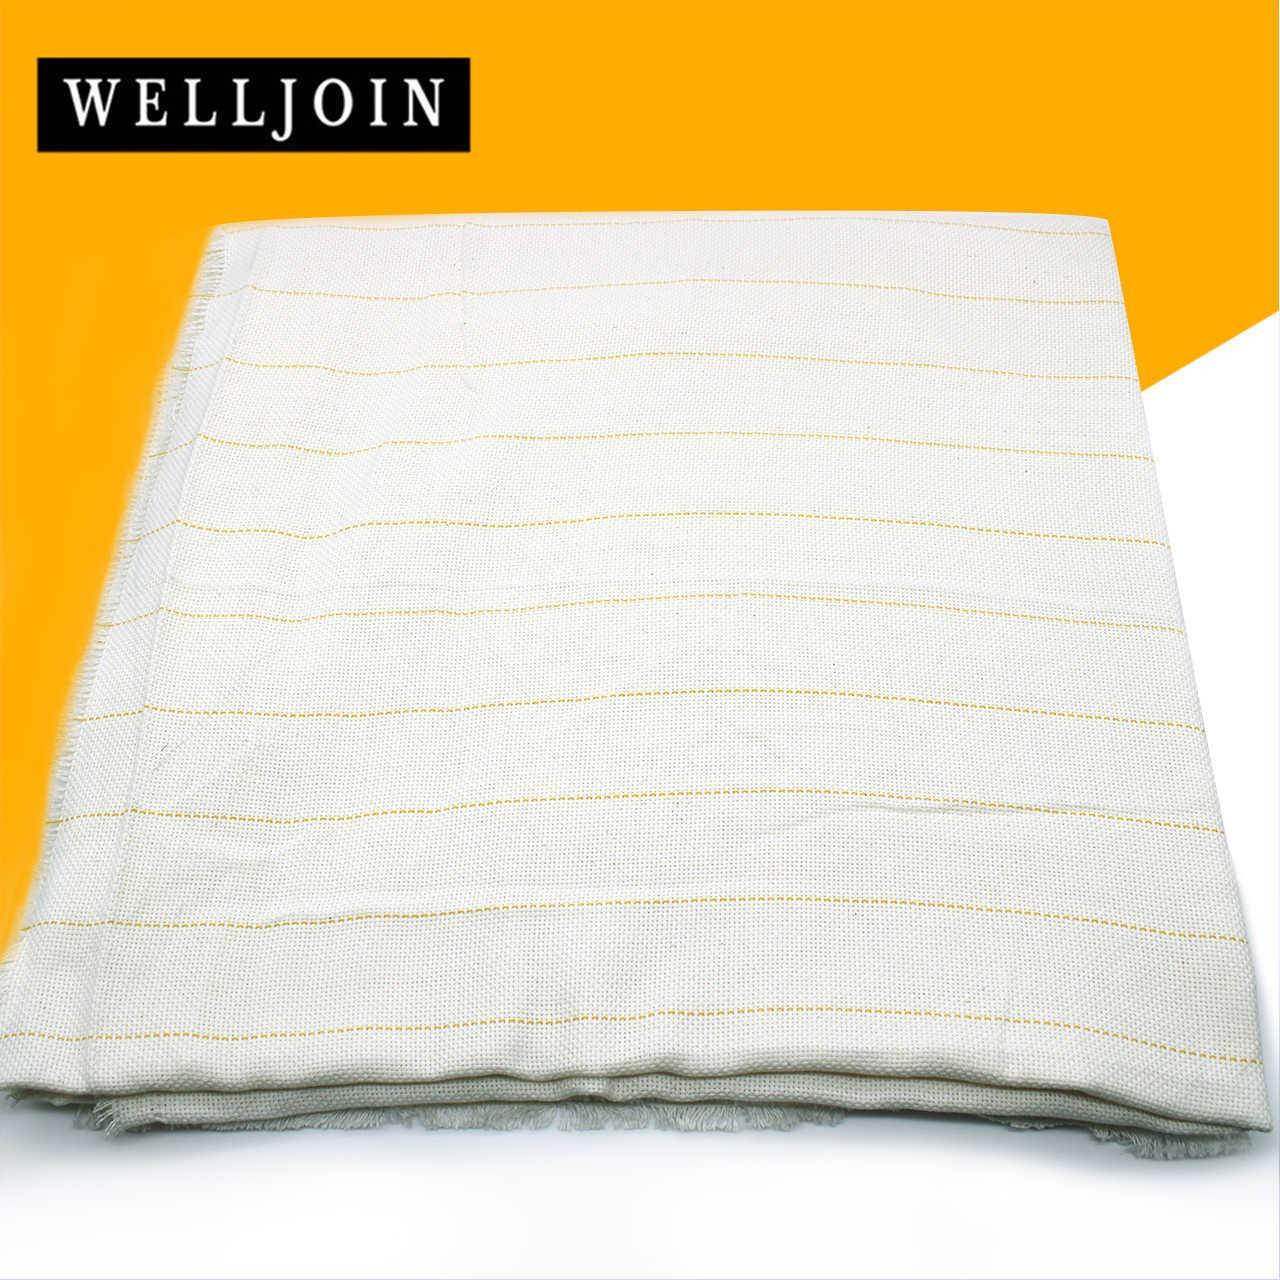 Tissu en tissu de tufs primaire pour utiliser le tapis TUFTER GUNS WIDTH 4M 210702